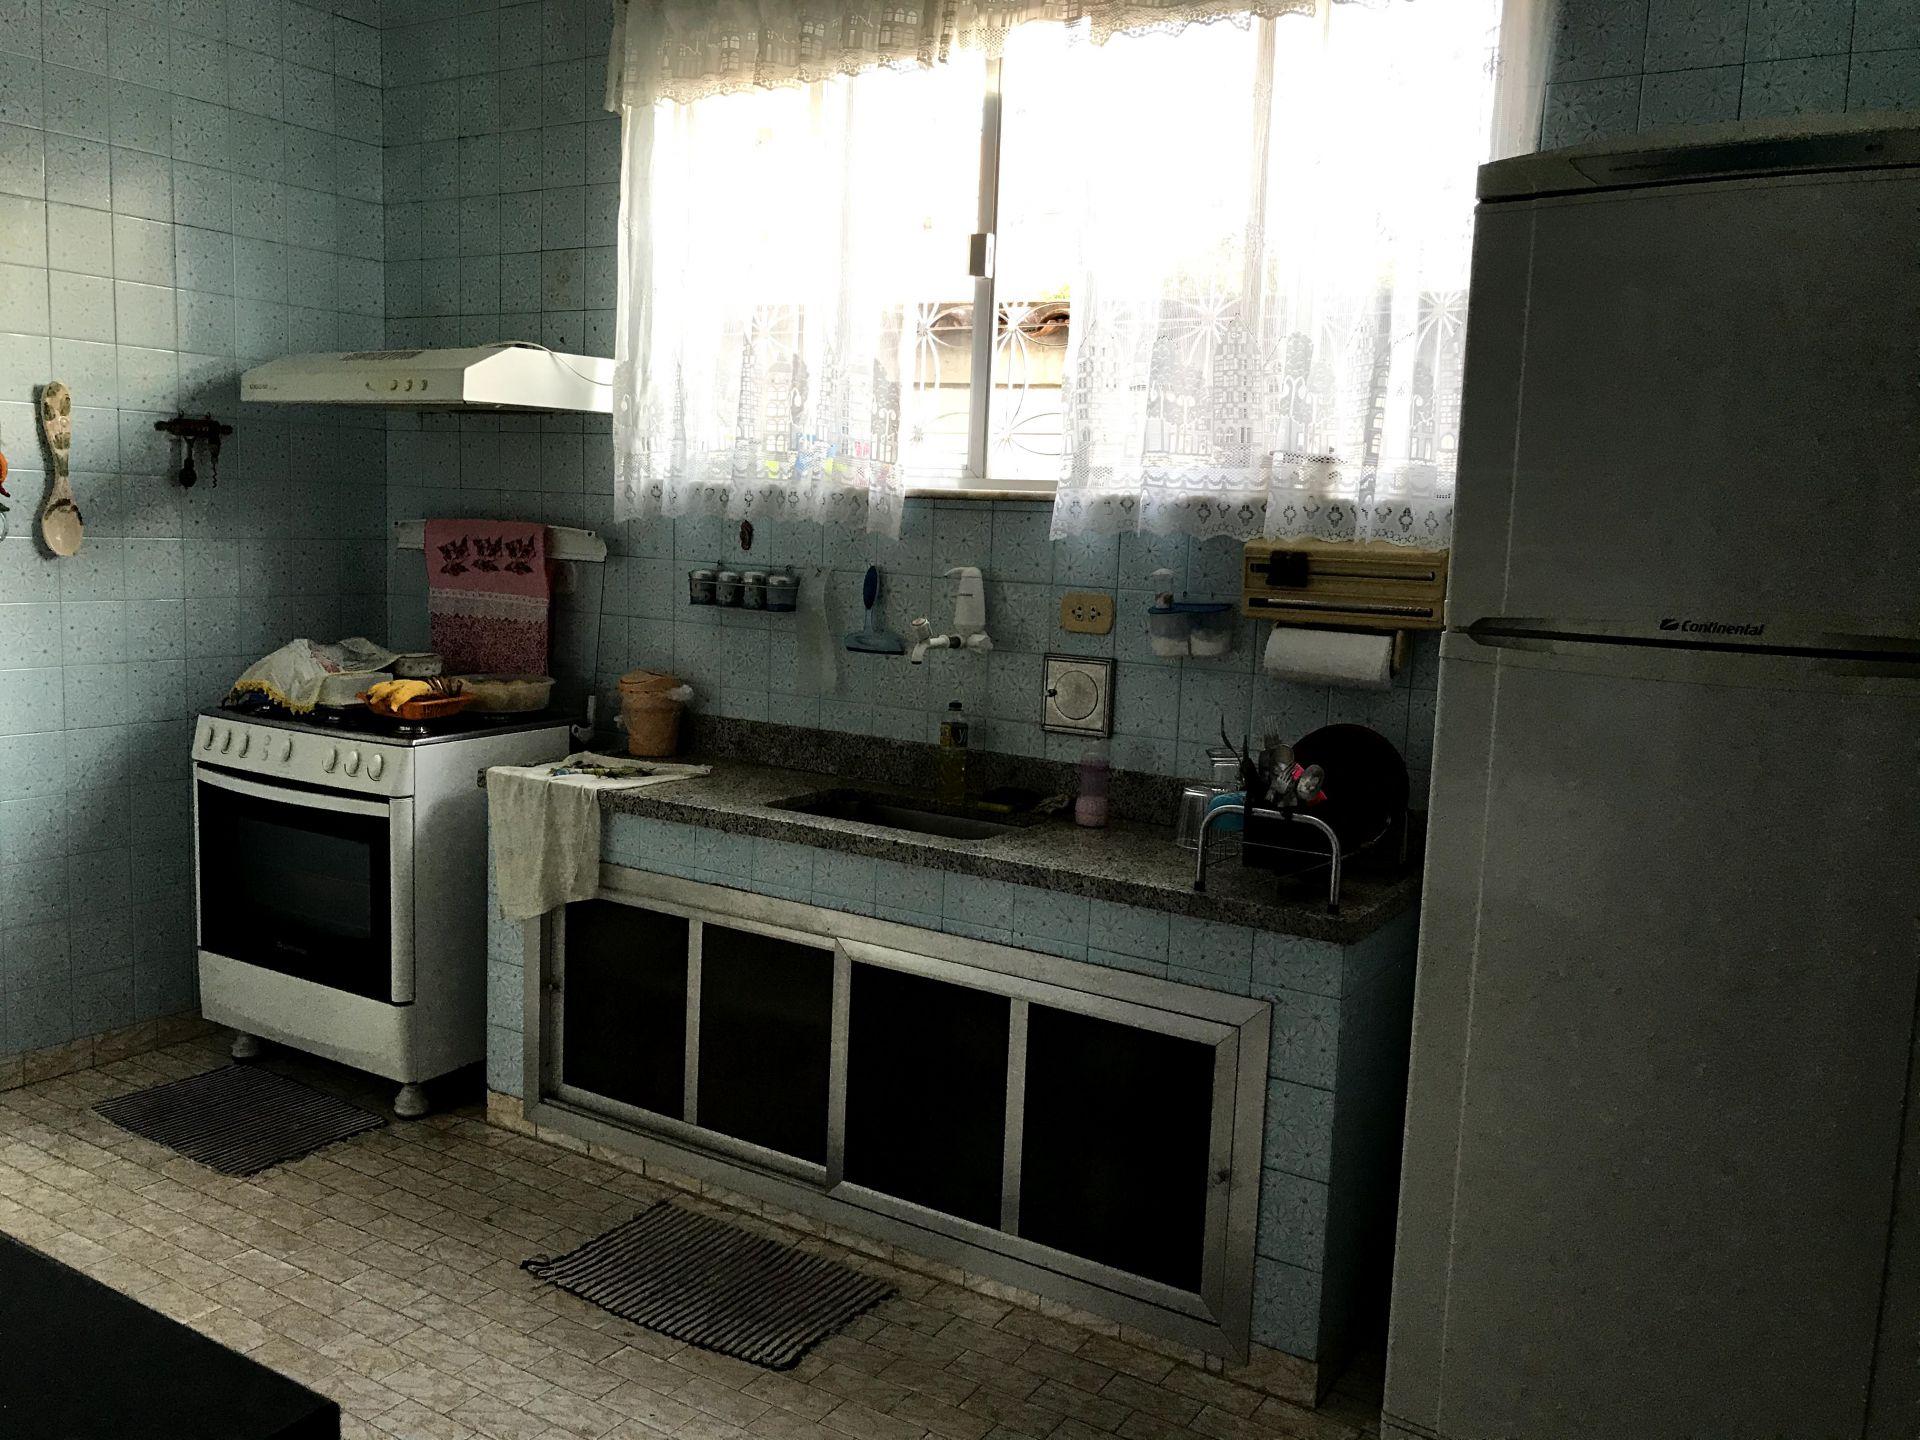 FOTO 13 - Casa à venda Rua Namur,Vila Valqueire, Rio de Janeiro - R$ 890.000 - RF269 - 14